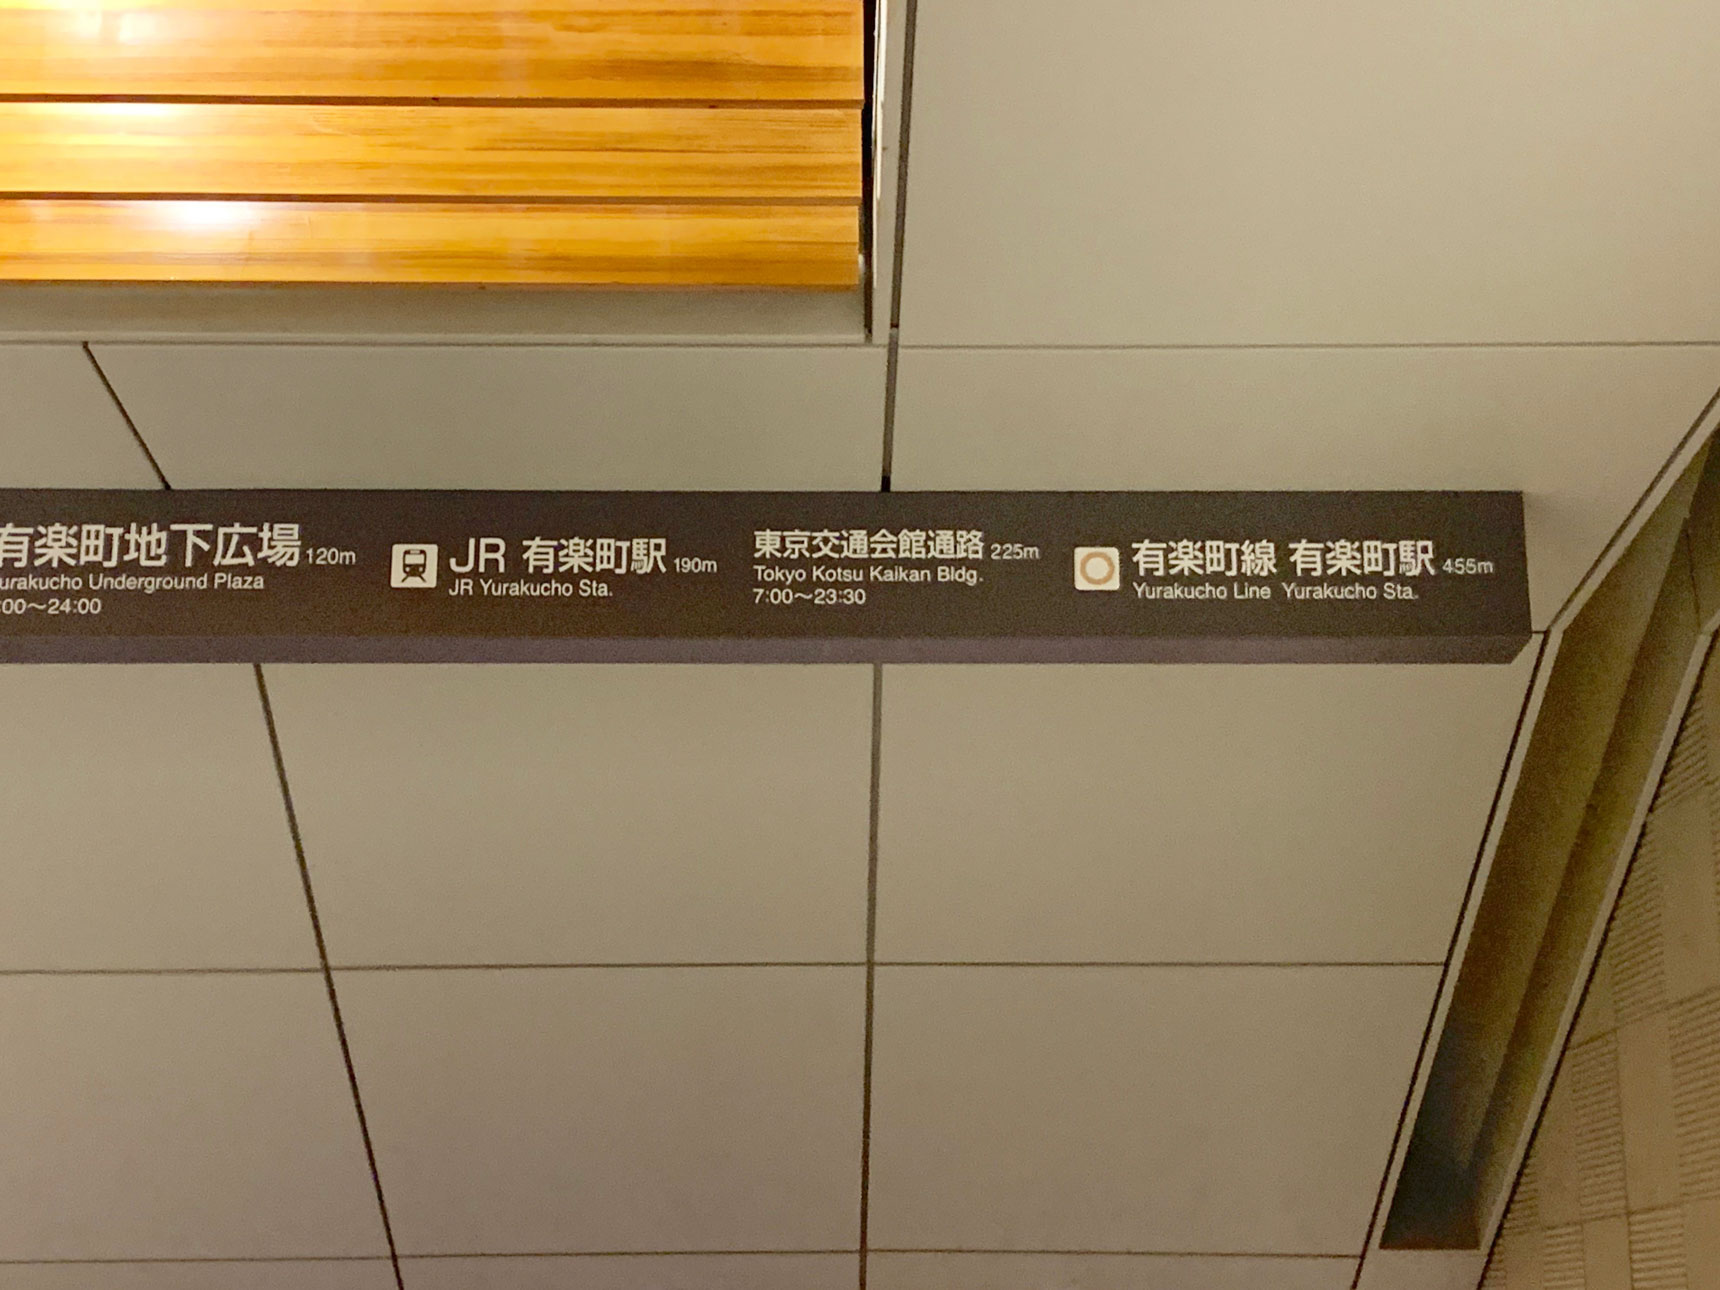 降り立ったのは、東京メトロ有楽町線の「有楽町駅」。地下街を通って通勤できるので、雨の日も濡れずに出勤できるのが大きなポイント。